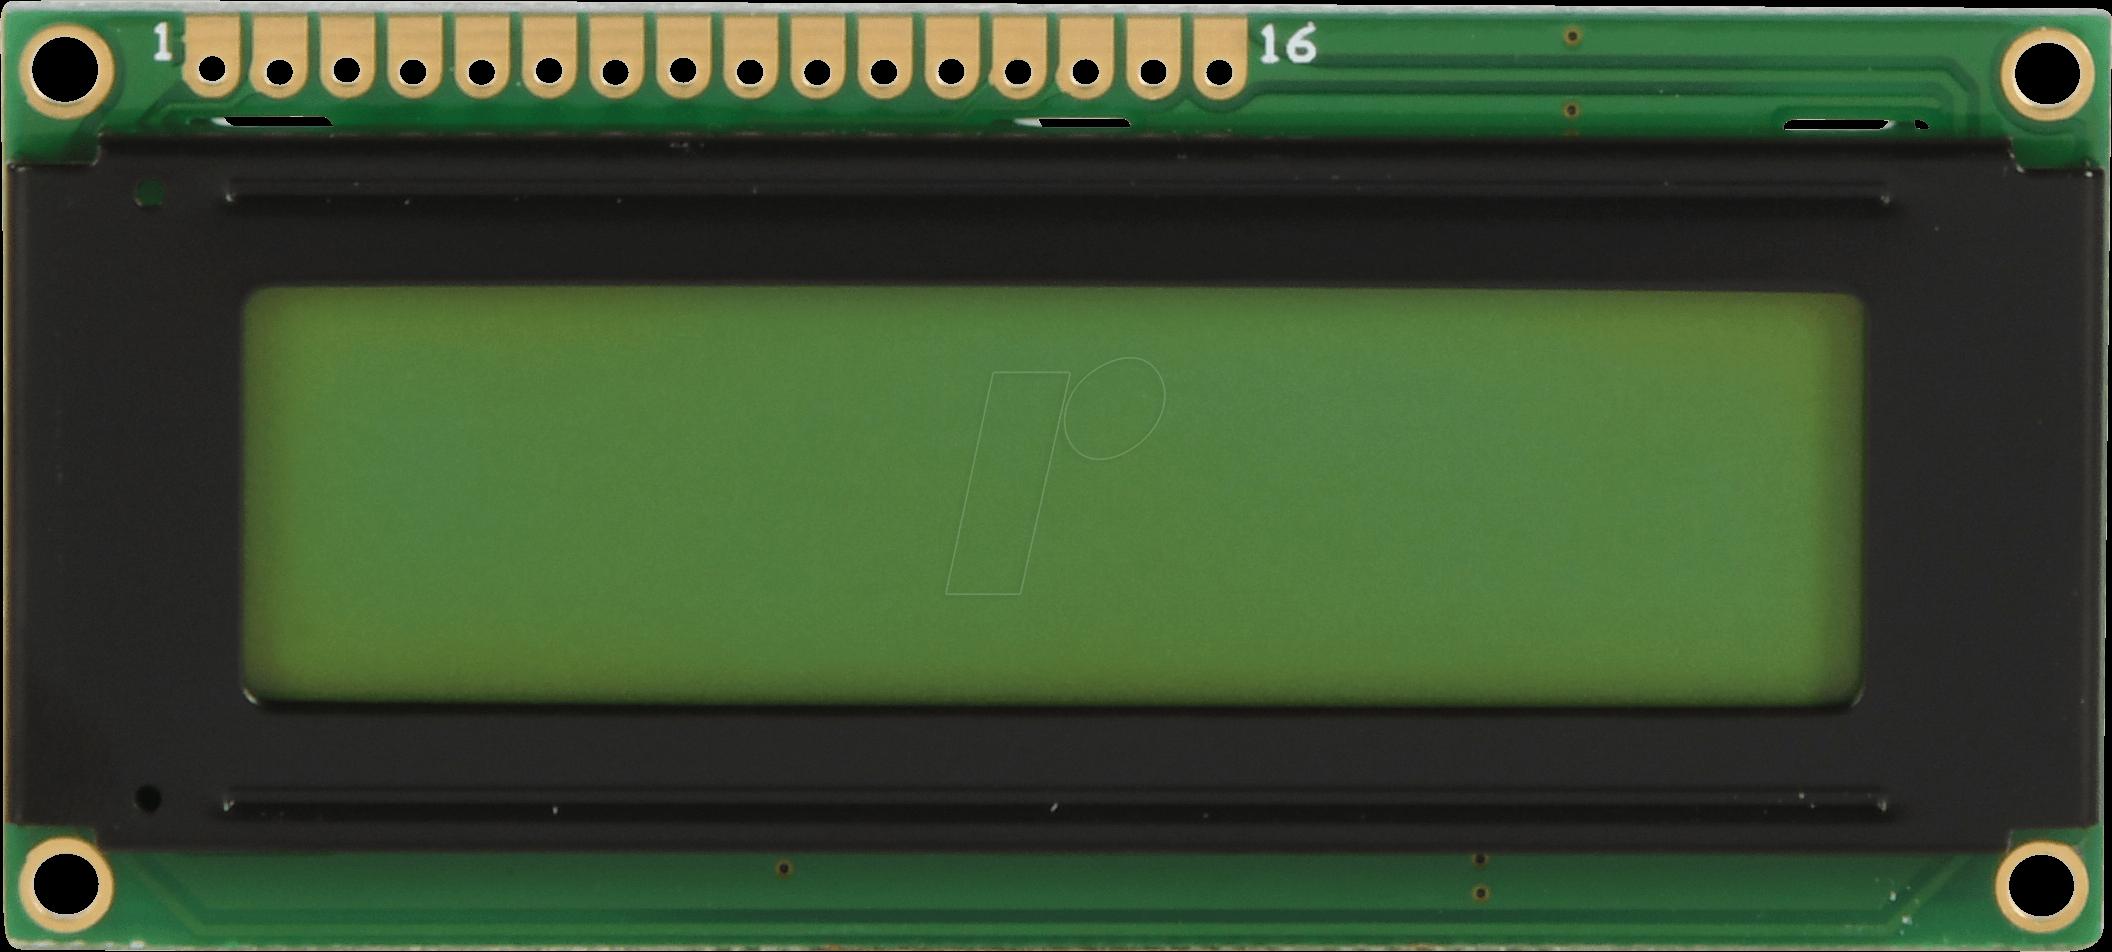 https://cdn-reichelt.de/bilder/web/xxl_ws/A500/LCD-PM_2X16-6_D.png